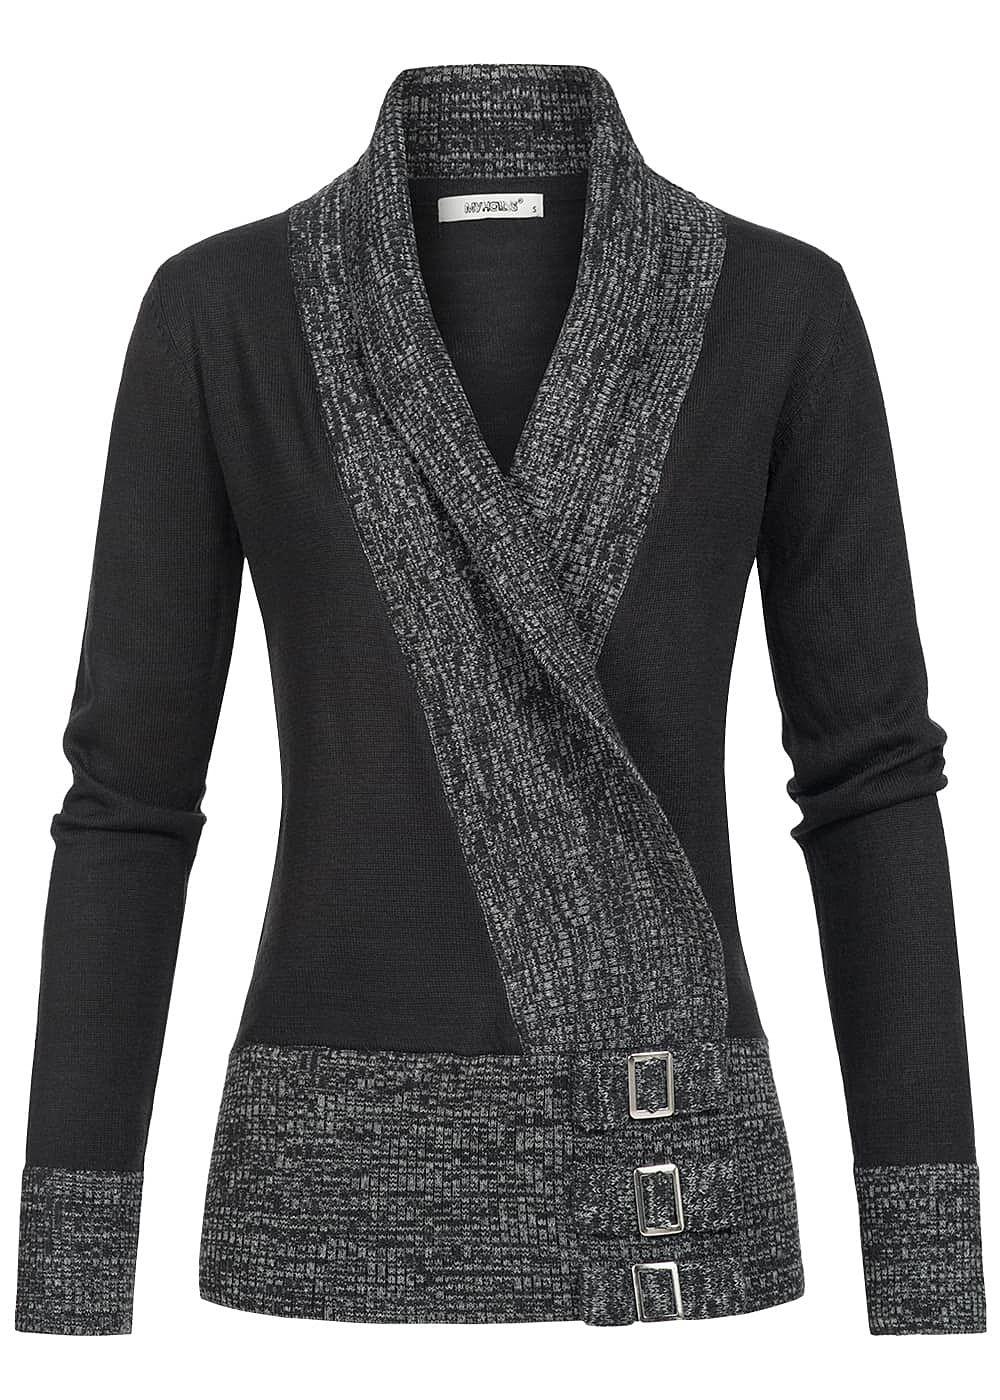 seventyseven lifestyle damen pullover wasserfallausschnitt deko schnallen schwarz grau. Black Bedroom Furniture Sets. Home Design Ideas